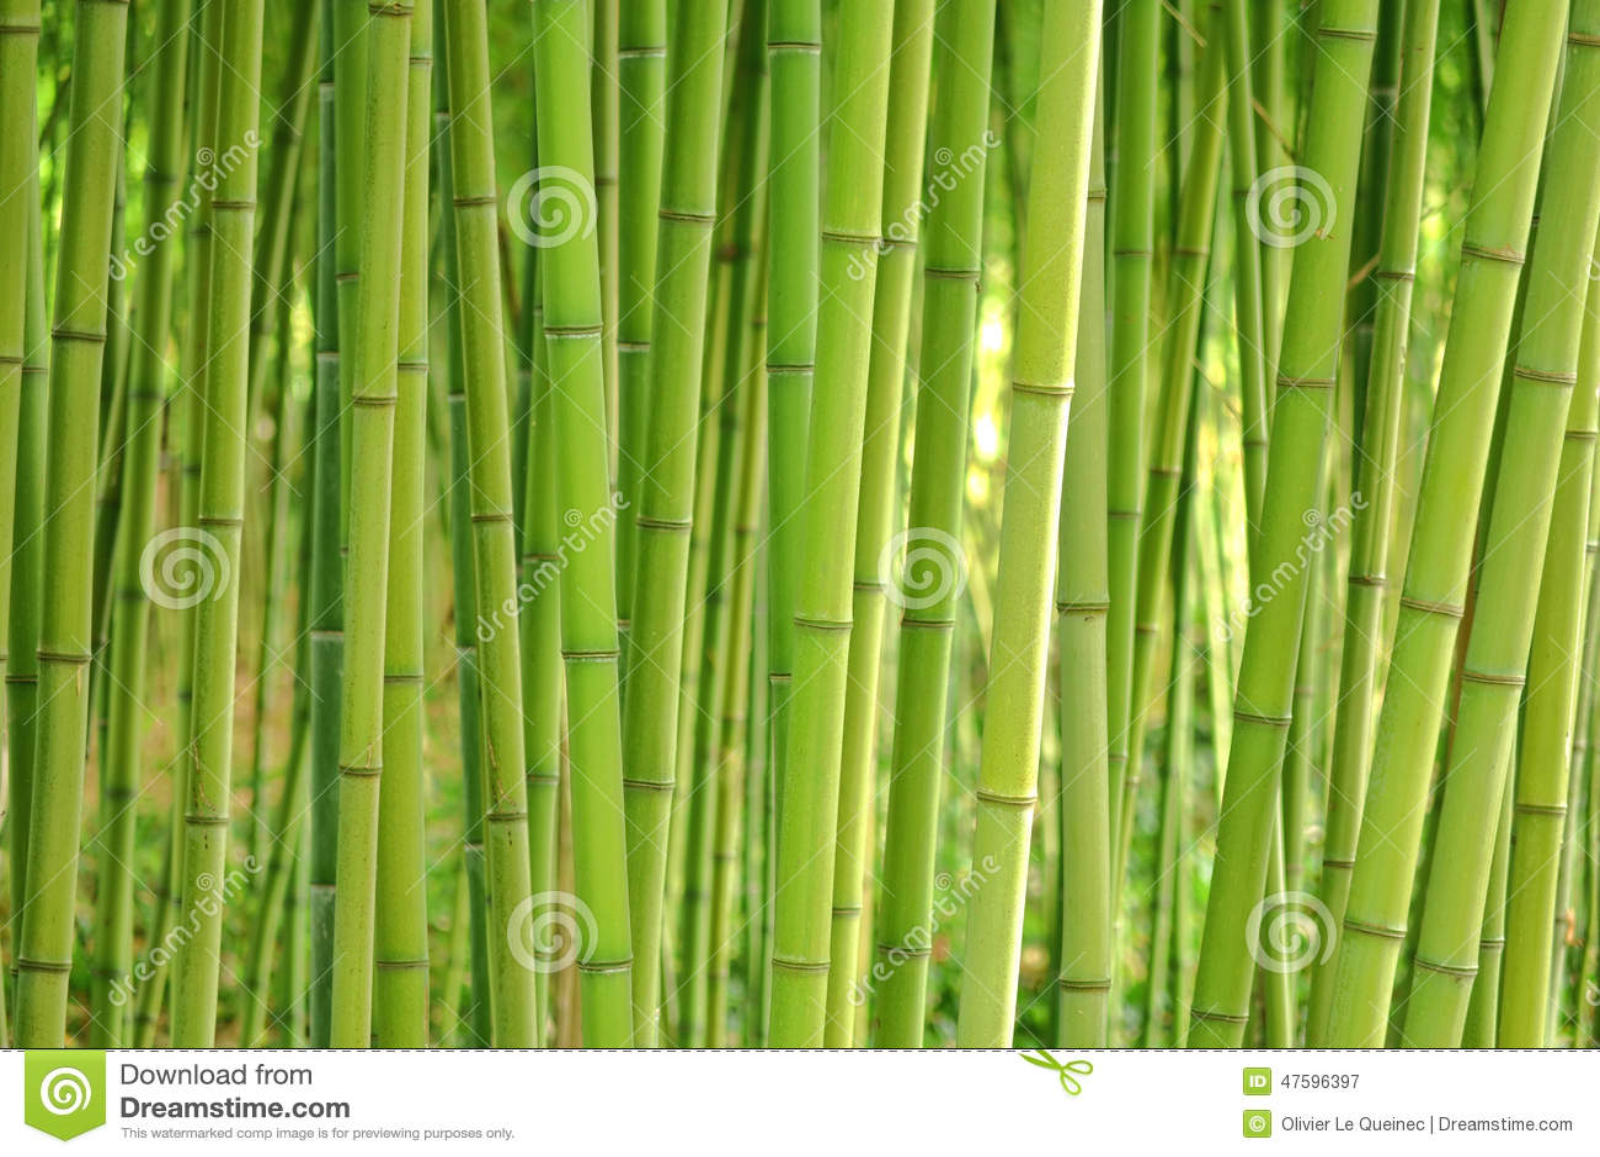 La tige en bambou d 39 herbe plante des tiges dans le verger for Tiges de bambou deco